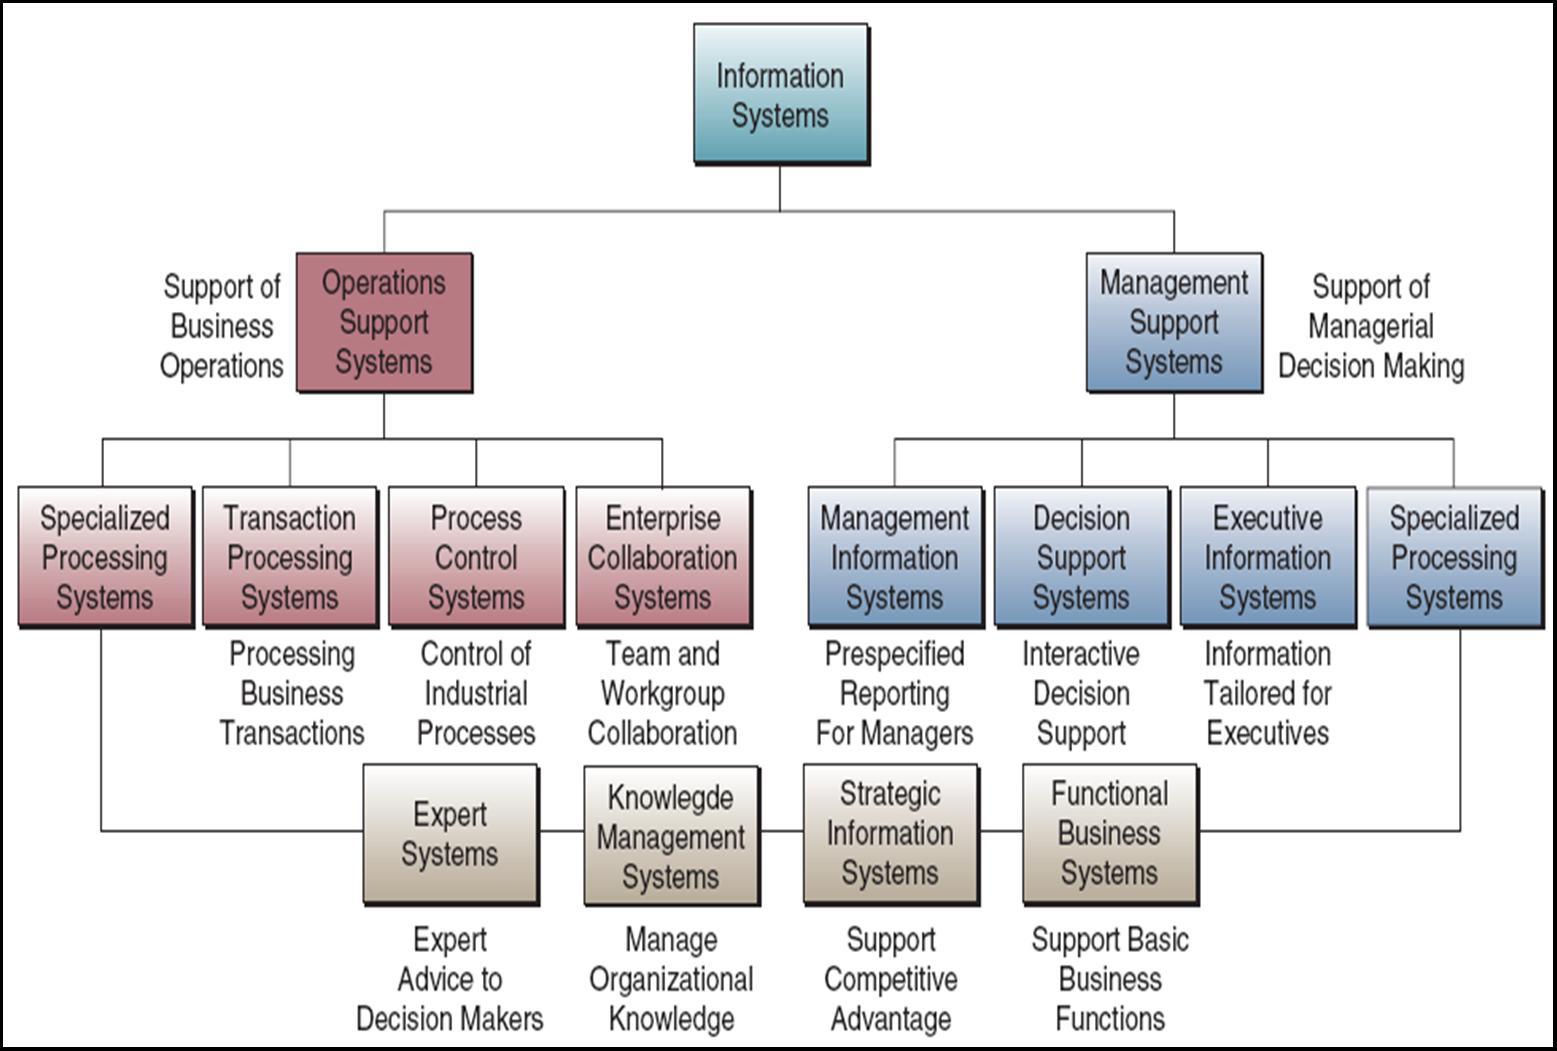 Kumpulan Judul Skripsi Jurusan Sistem Informasi Kumpulan Judul Contoh Skripsi Teknik Komputer << Contoh Skripsi Sistem Informasi Sumber Daya Manusia Kumpulan Contoh